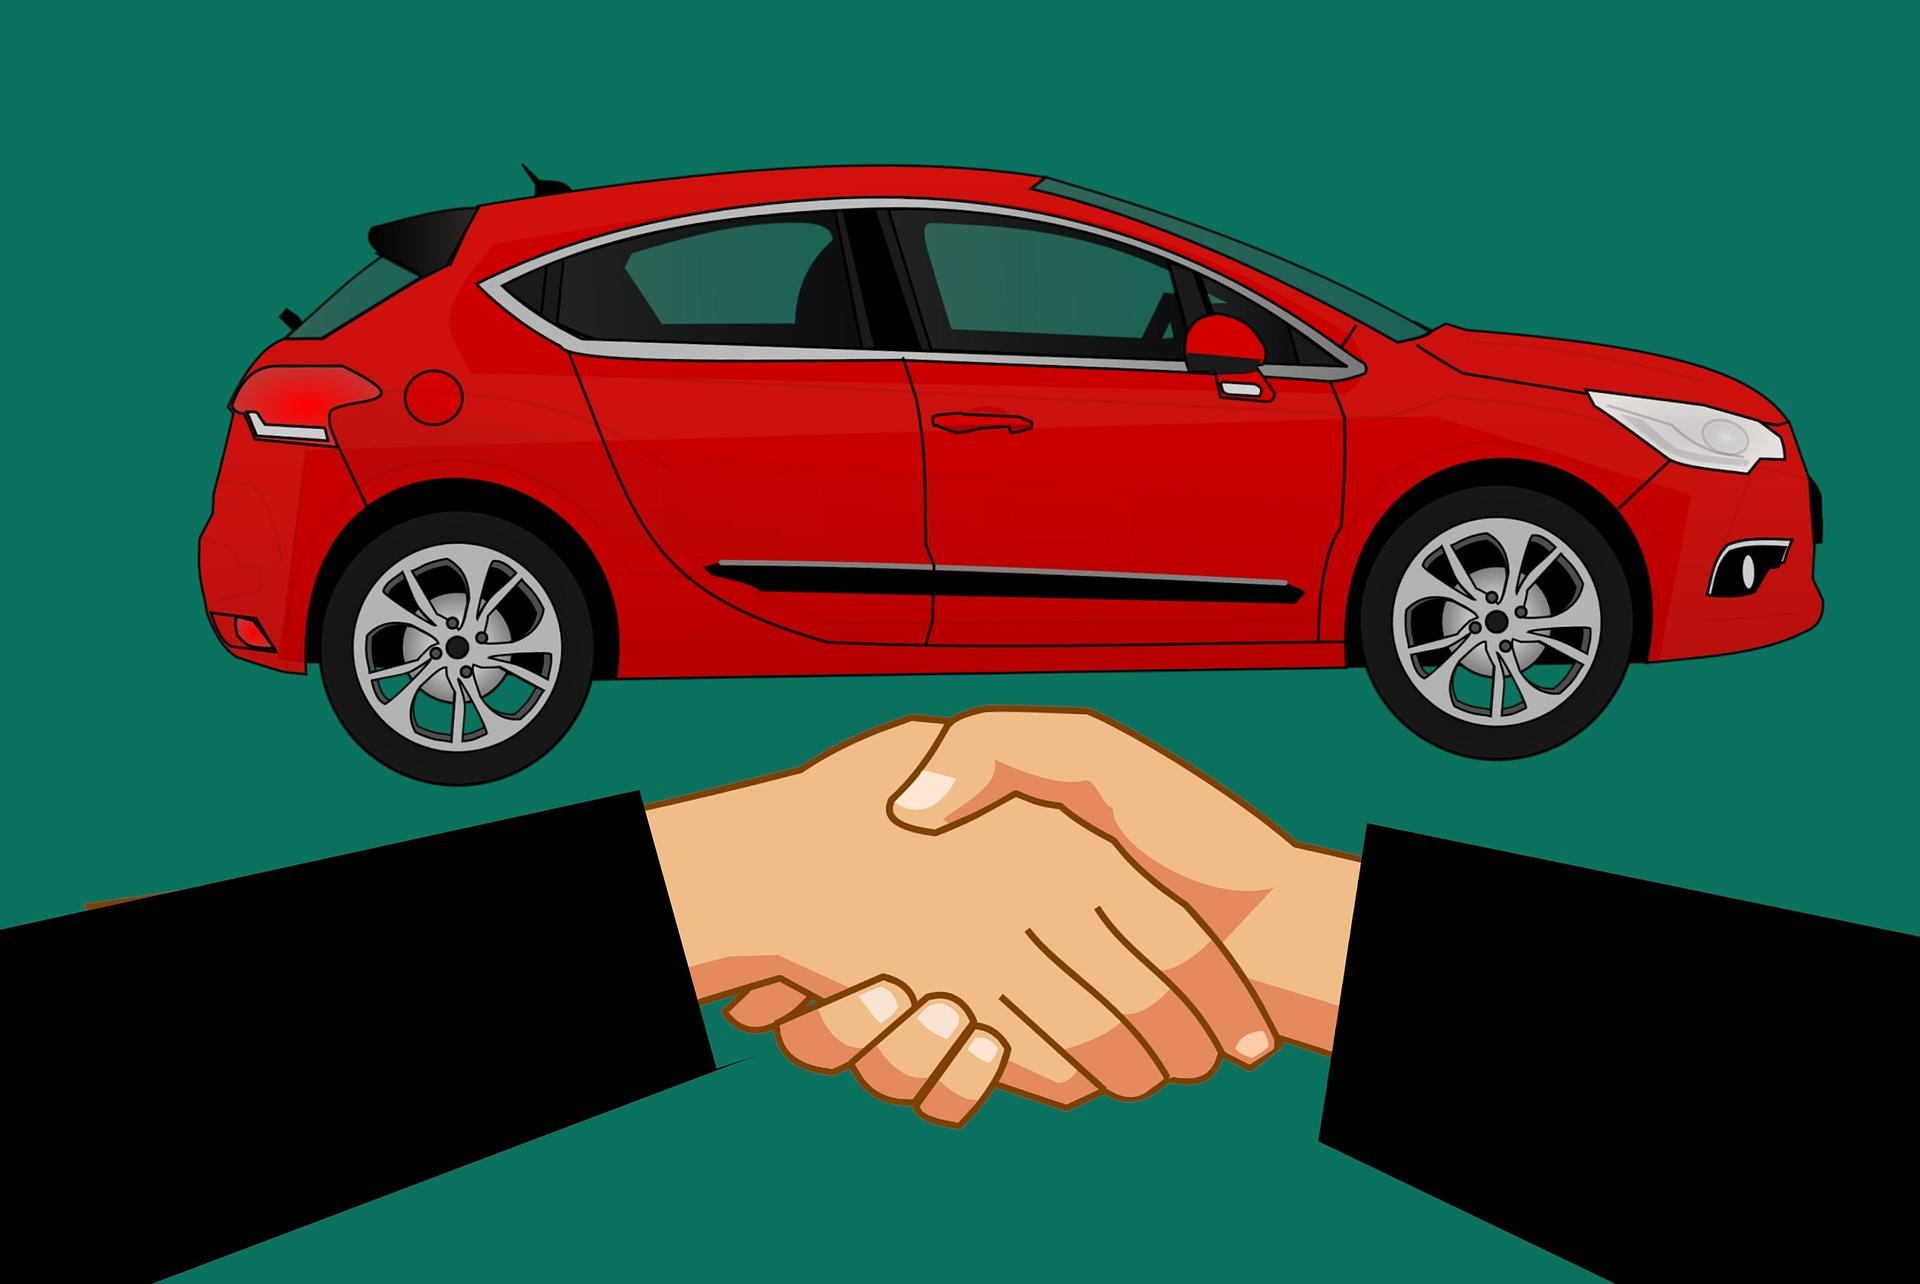 Na jakich zasadach wypożycza się auta z wypożyczalni?